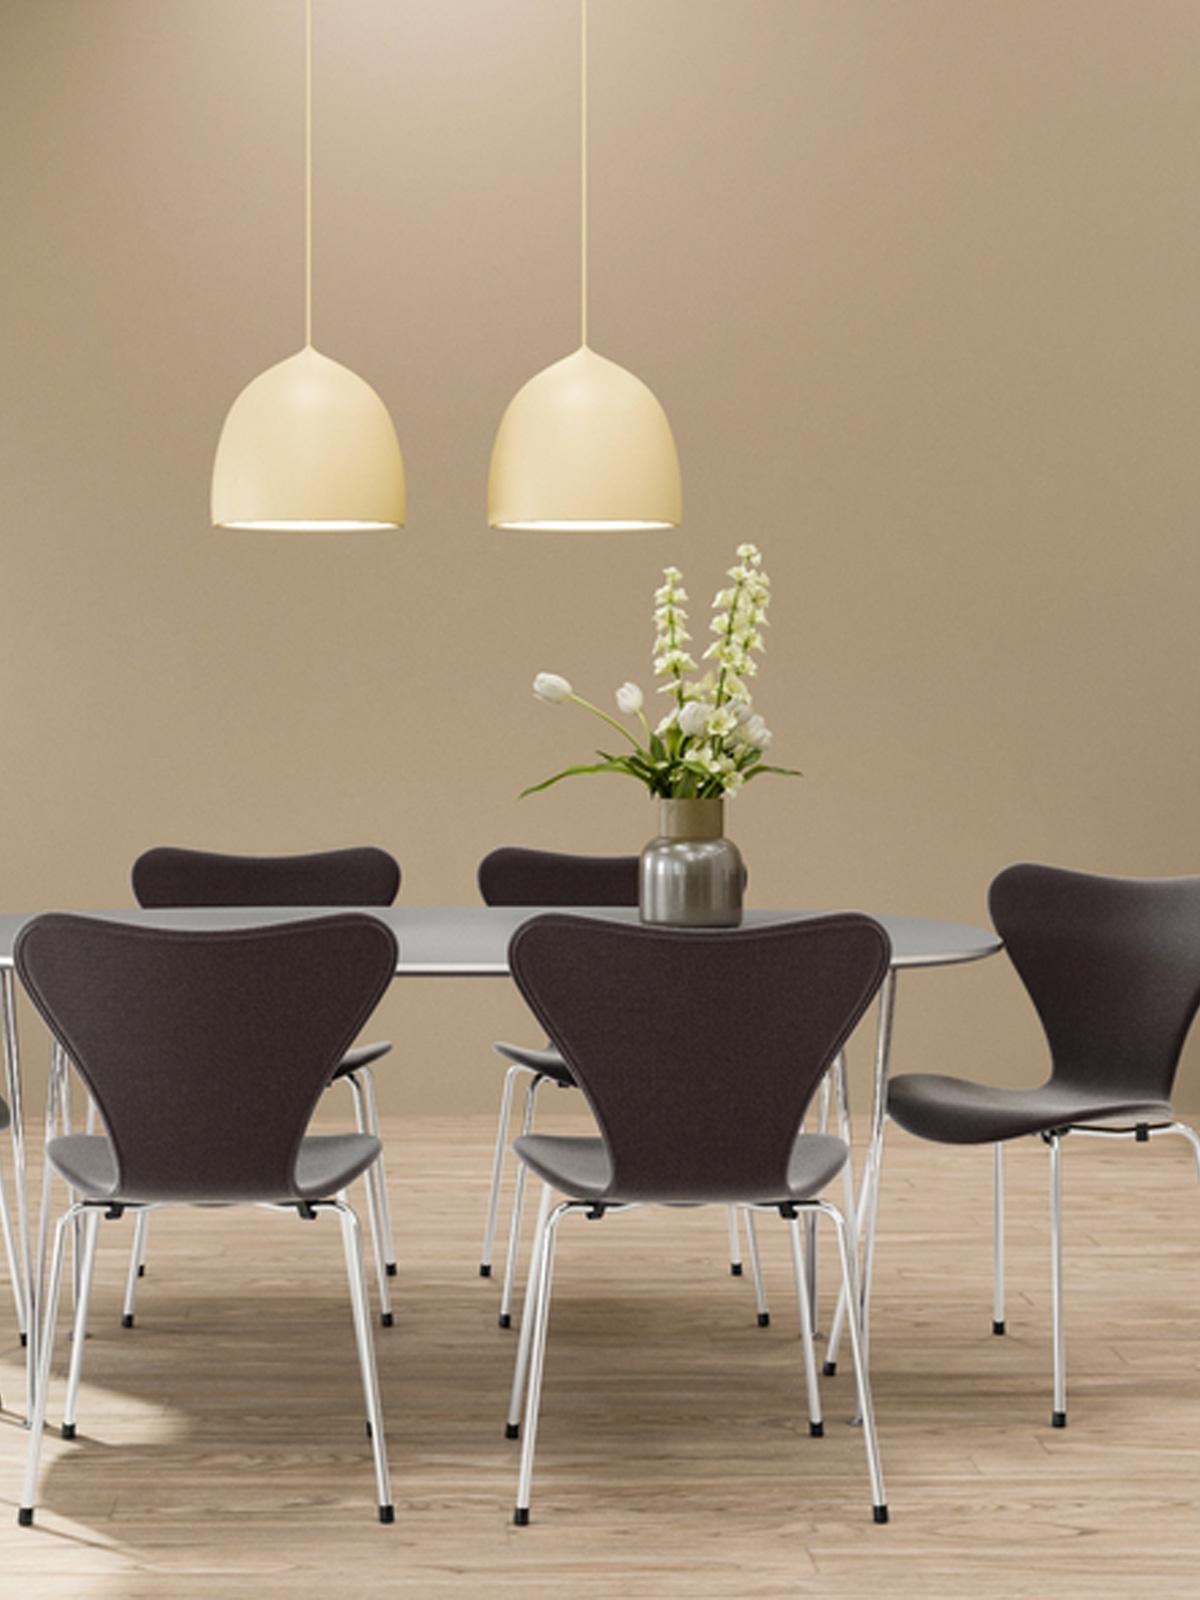 DesignOrt Blog: Designerleuchten aus Dänemark Suspence p1.5 Lightyears Republic of Fritz Hansen Leuchte Designerlampe